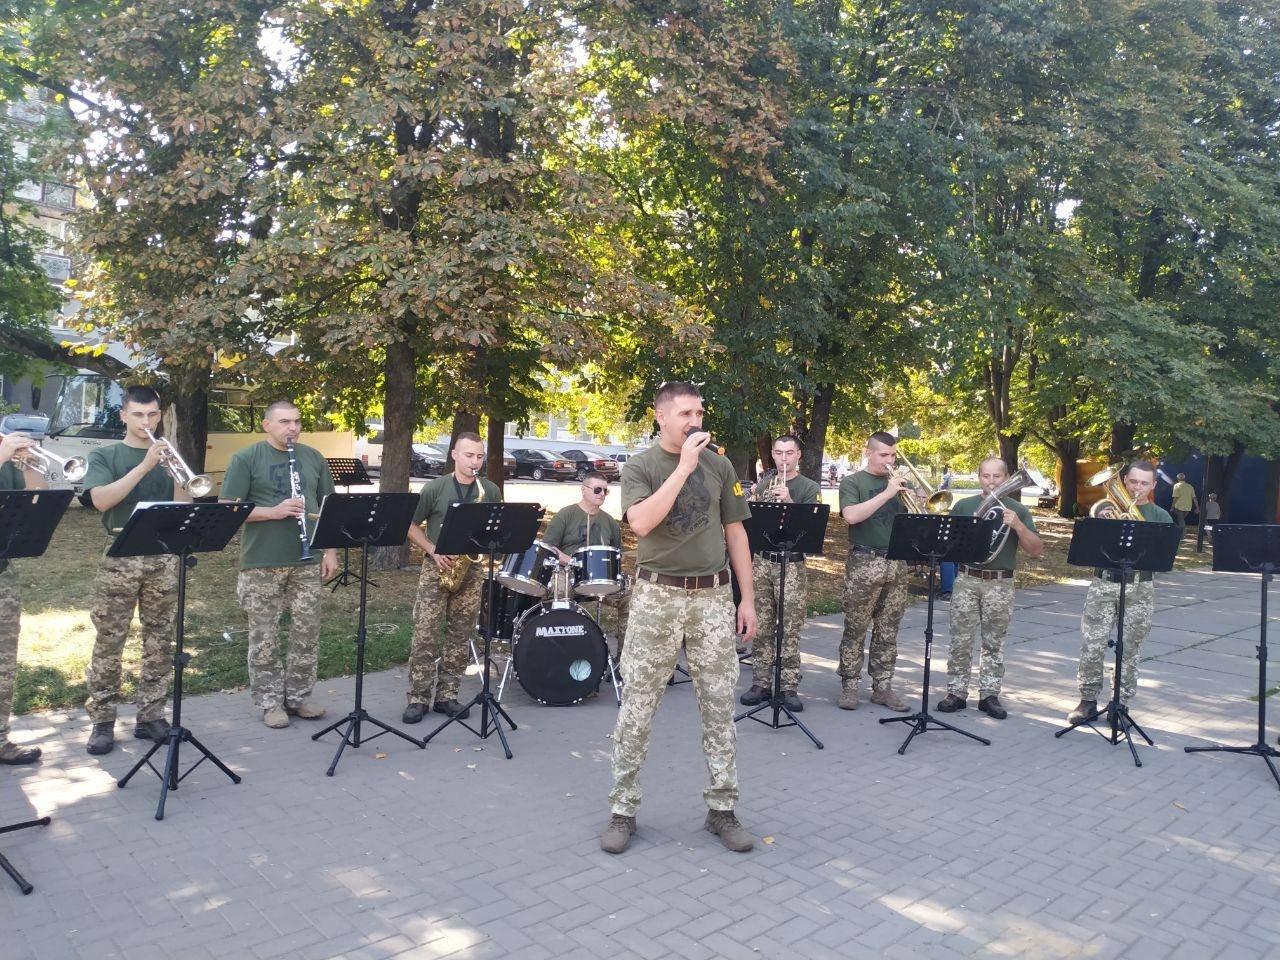 Військовий оркестр Конотопської 58-ї ОМПБр відзначає свій день народження, фото-2